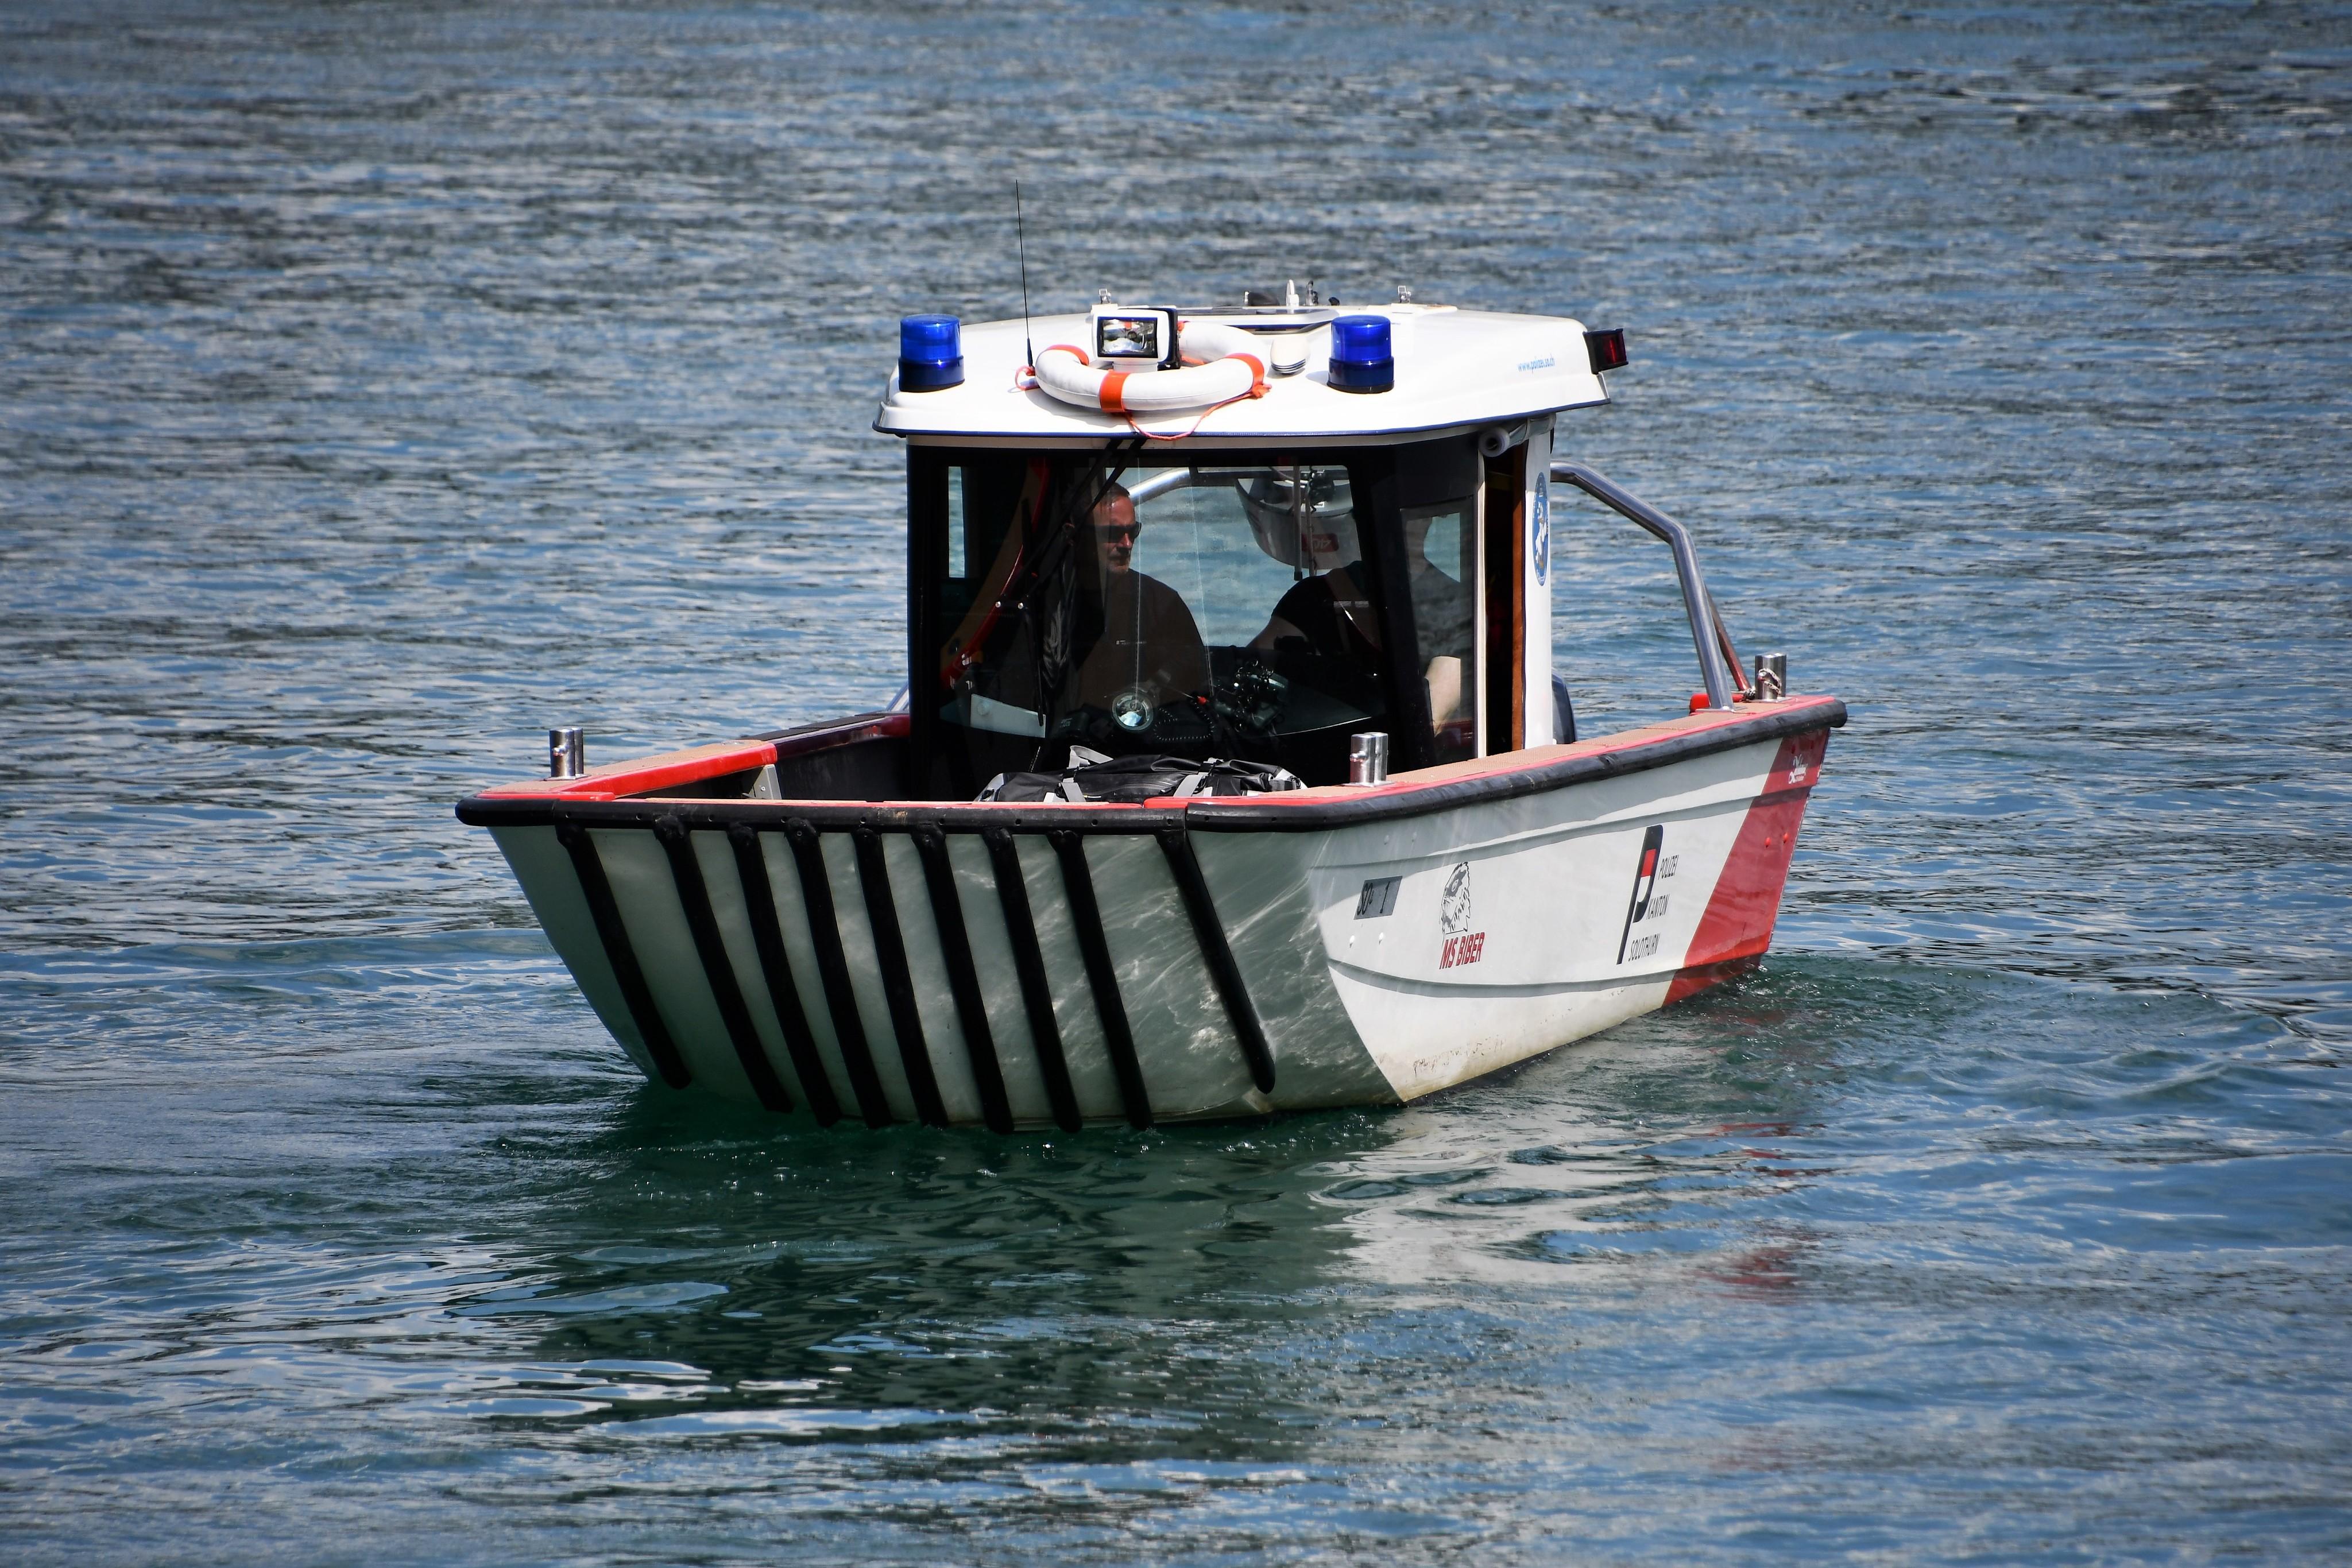 police-boat-03.08-2